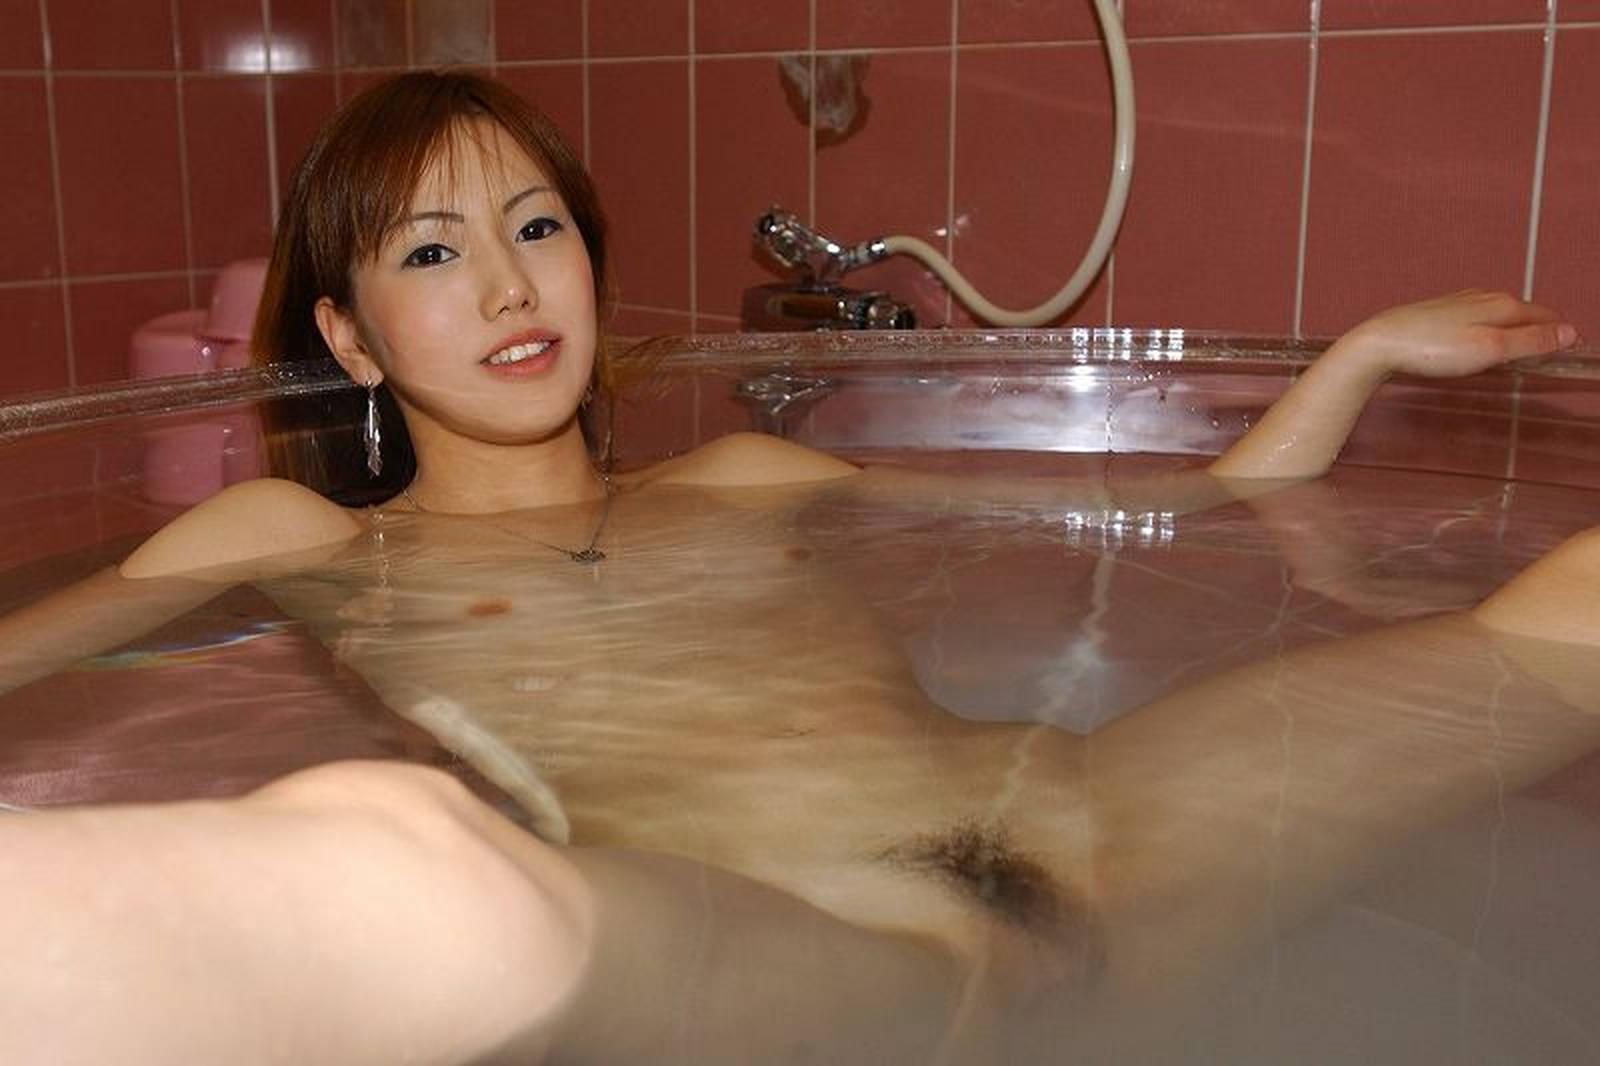 Японки дрочат в ванной, Японке в ванной дрочат её дырочку самыми разными 7 фотография